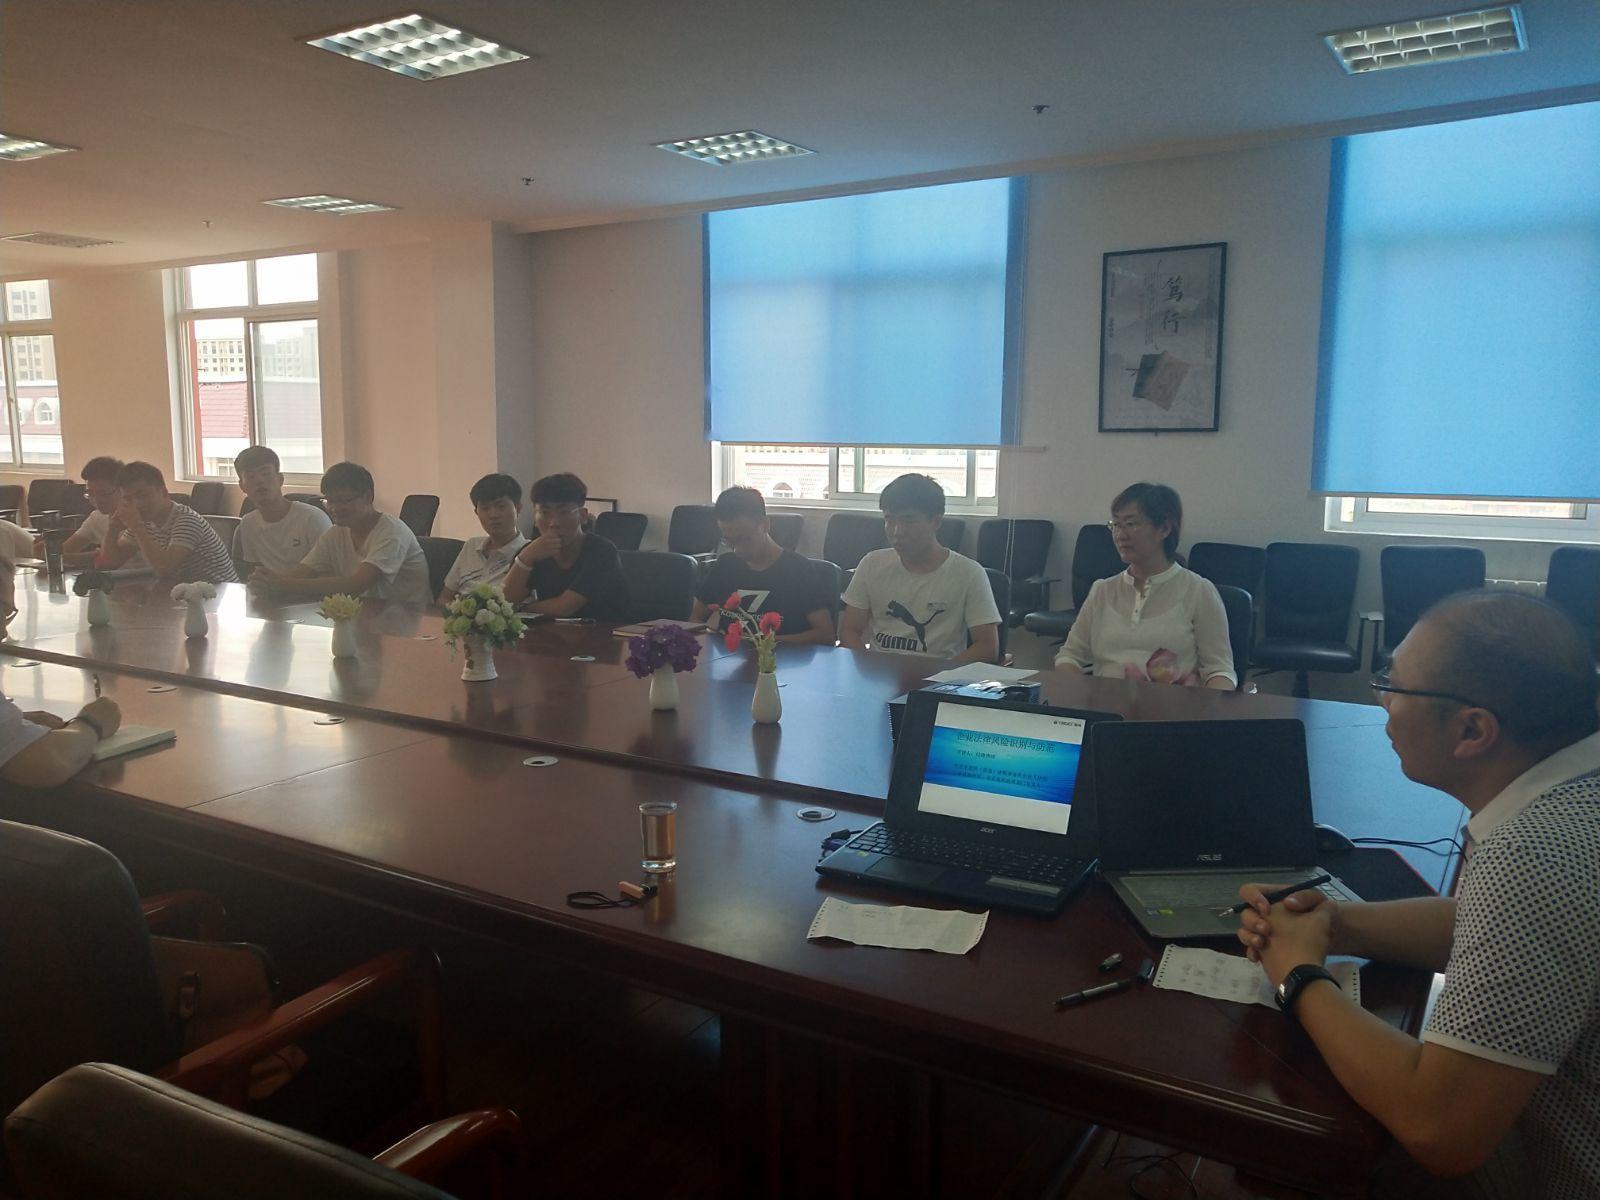 盈科青岛西海岸律师受邀参加青岛滨海学院创业孵化基地公益沙龙